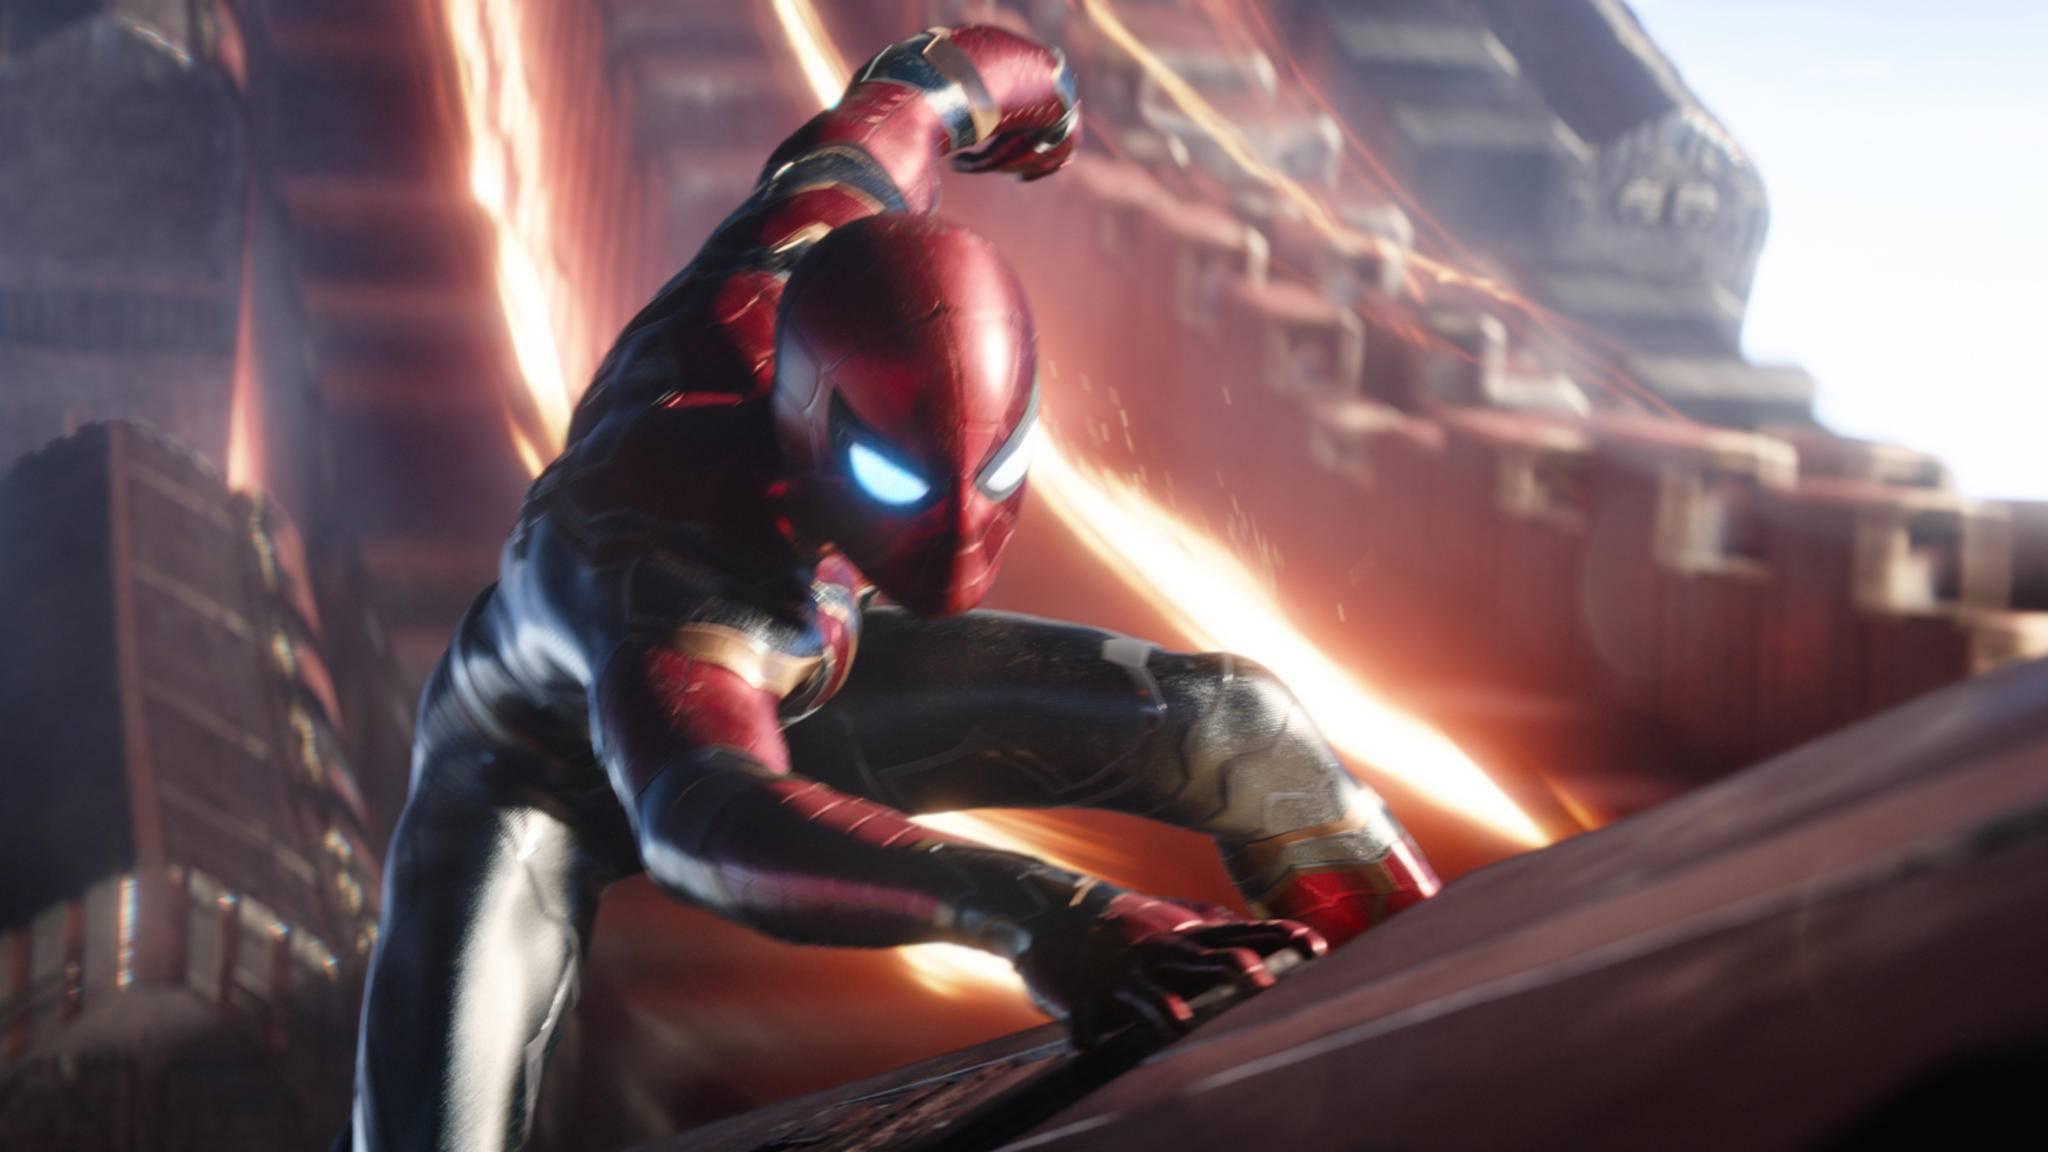 Blöd gelaufen: Neben Spider-Man hätte Sony sich auch zahlreiche andere Marvel-Helden schnappen können, doch der Mega-Deal ging dem Studio durchs Netz.